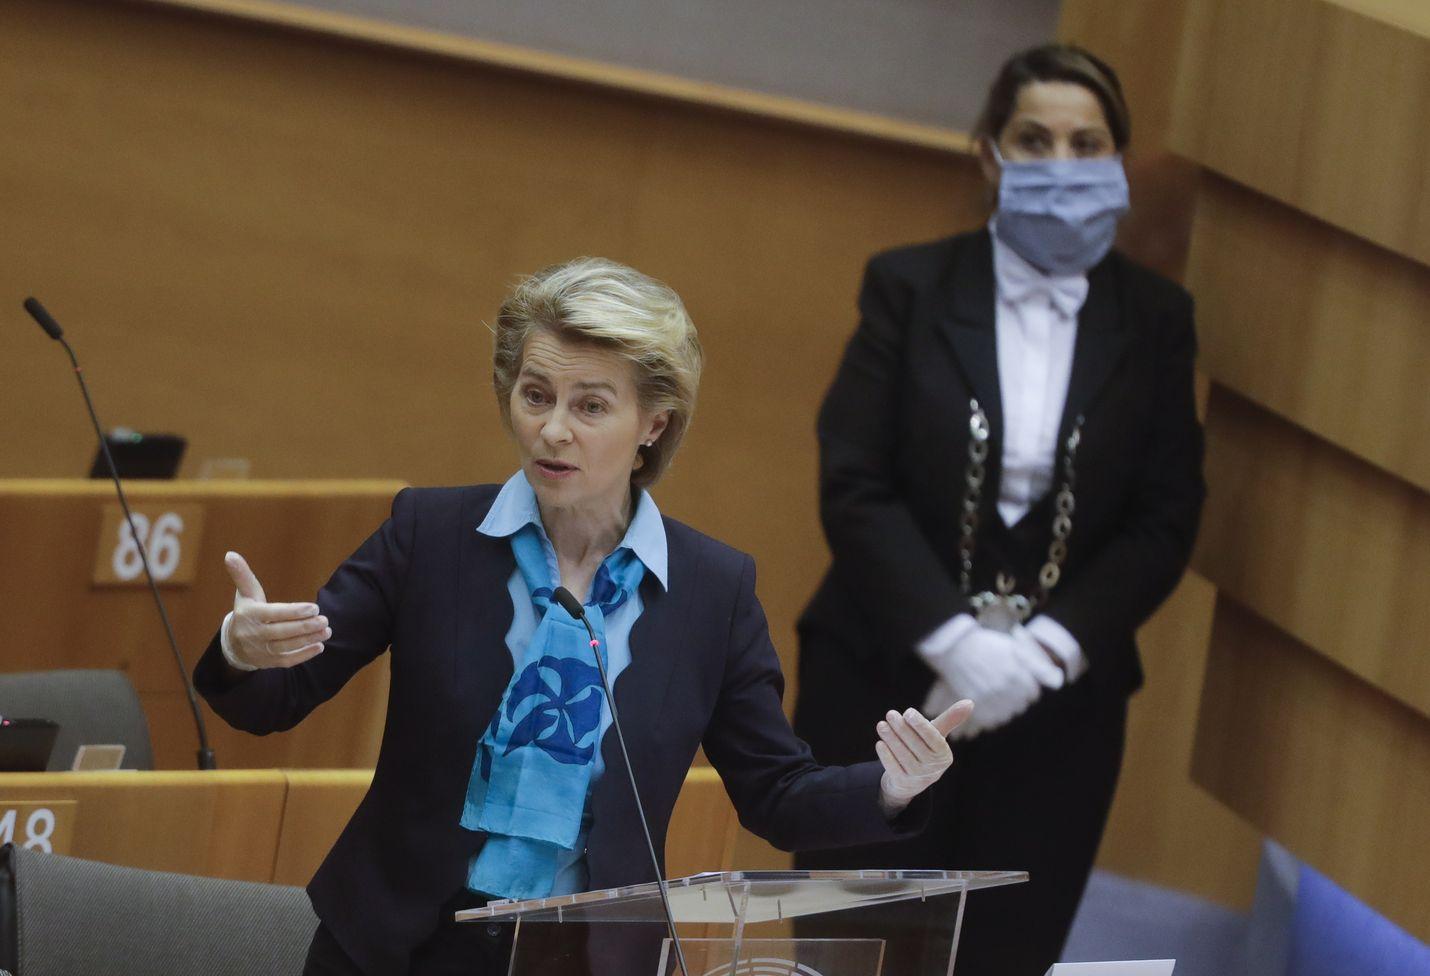 Euroopan komission puheenjohtaja Ursula von der Leyen osallistu EU-parlamentin kokoukseen Brysselissä 13. toukokuuta. Tänään hän esitteli komission ehdotuksen Euroopan jälleenrakennusrahastosta.